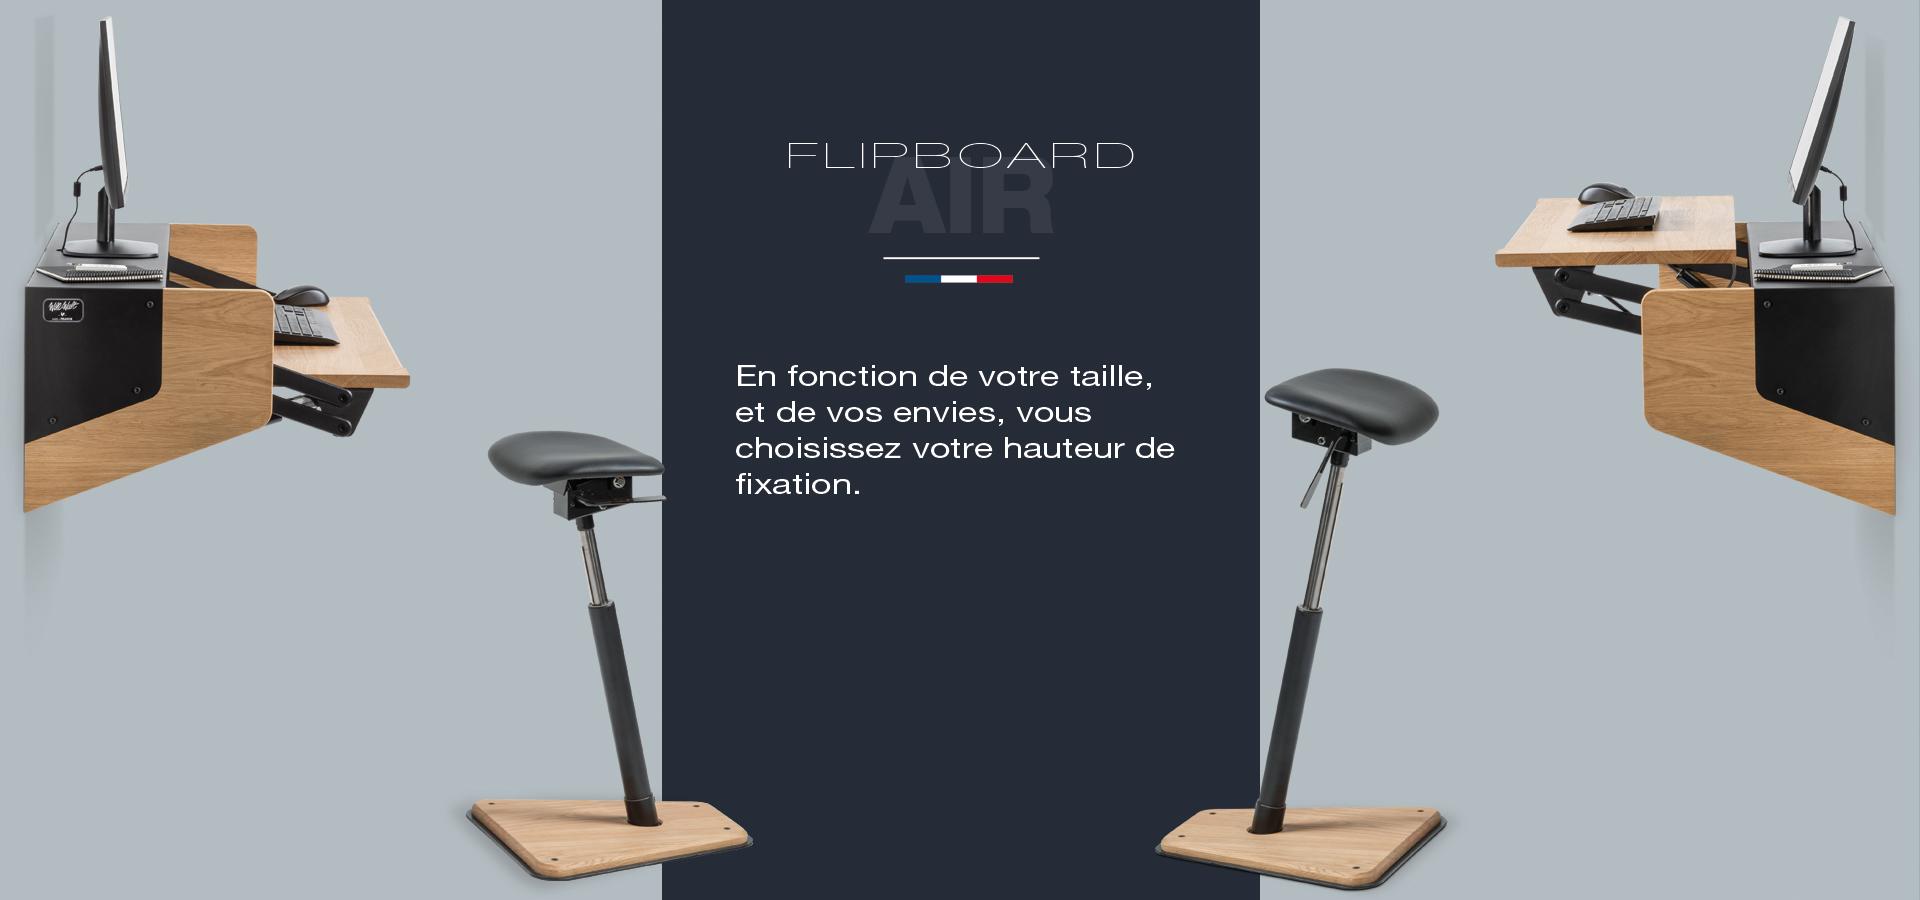 LE FLIPBOARD AIR